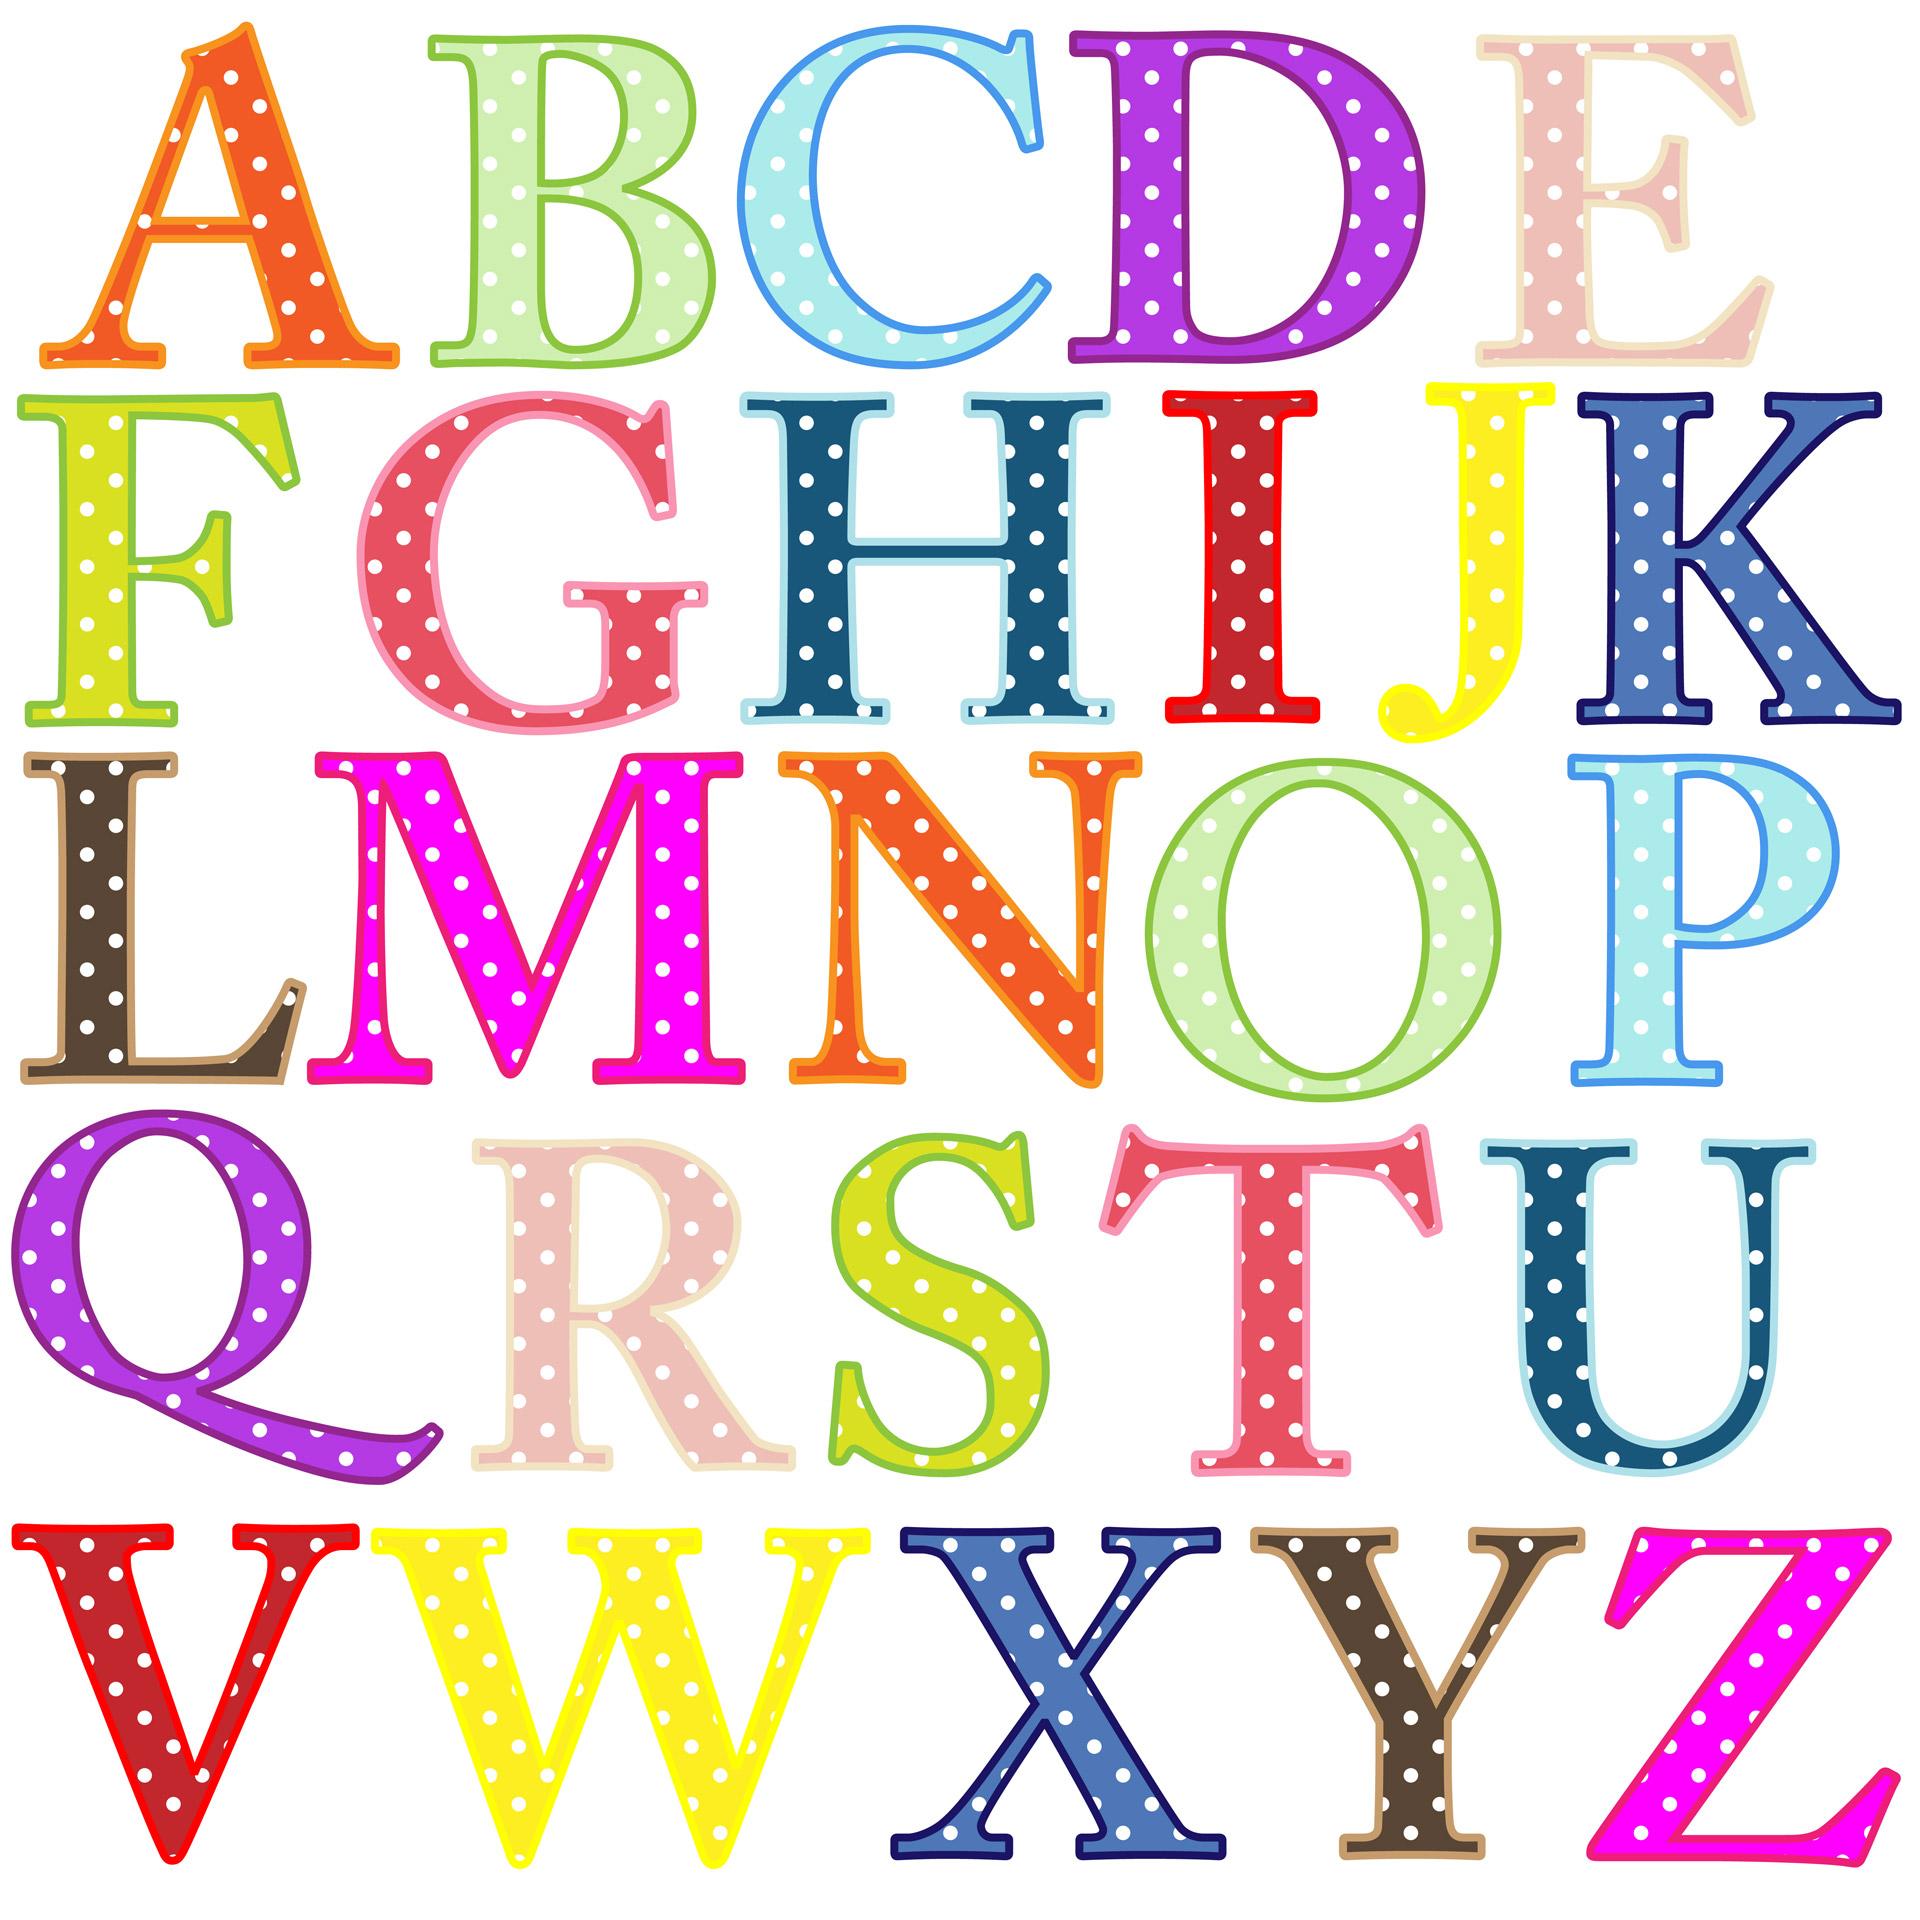 Lettering clipart Clip art Public Stock Alphabet